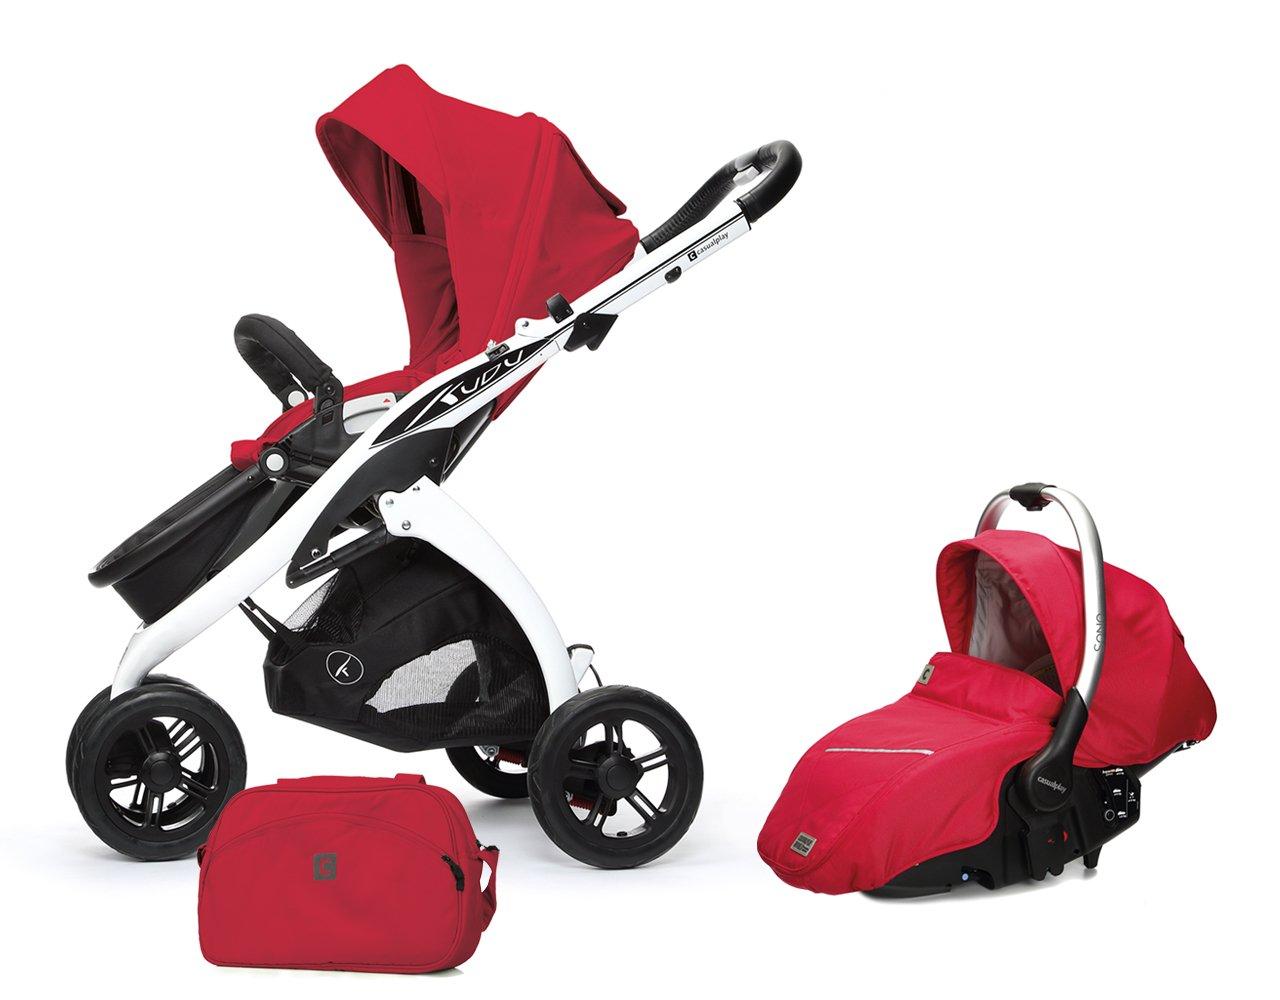 Casualplay Match 2 Kudu 3 - Silla + bolso + Sono, color rojo: Amazon.es: Bebé